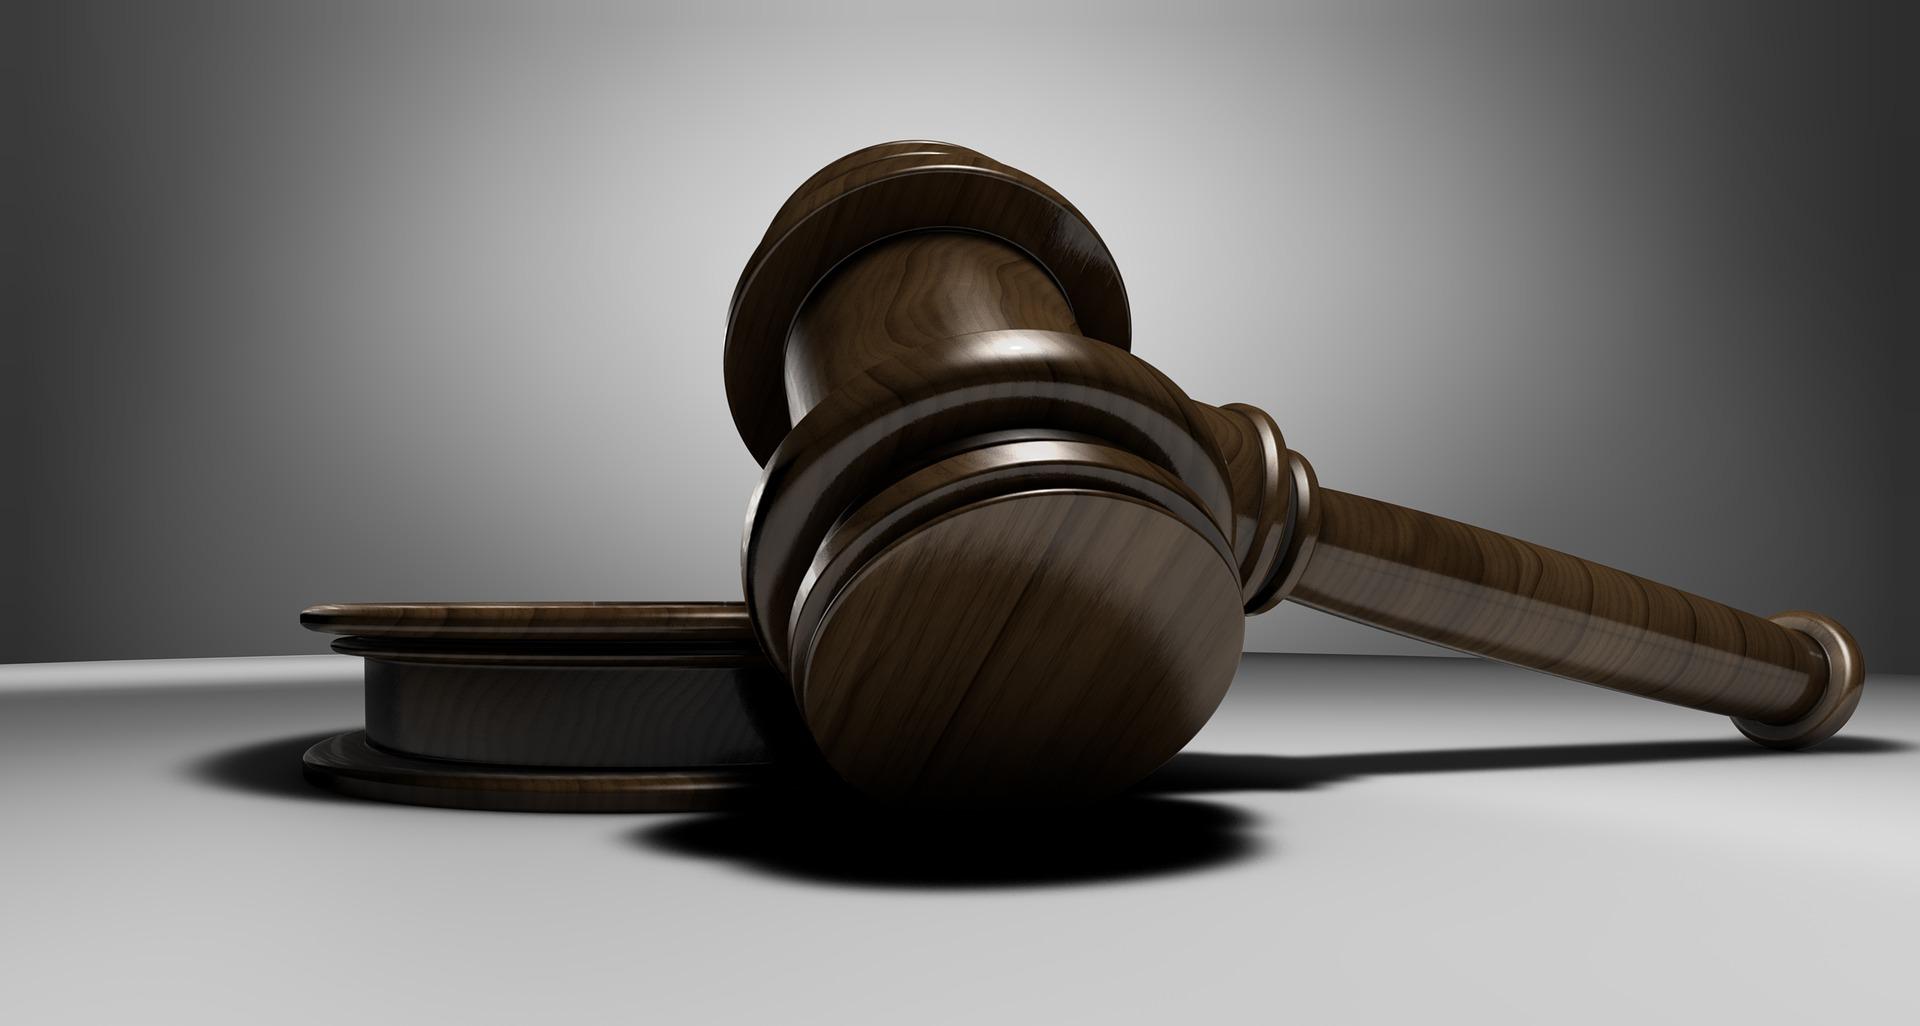 judge-3665164_1920-1